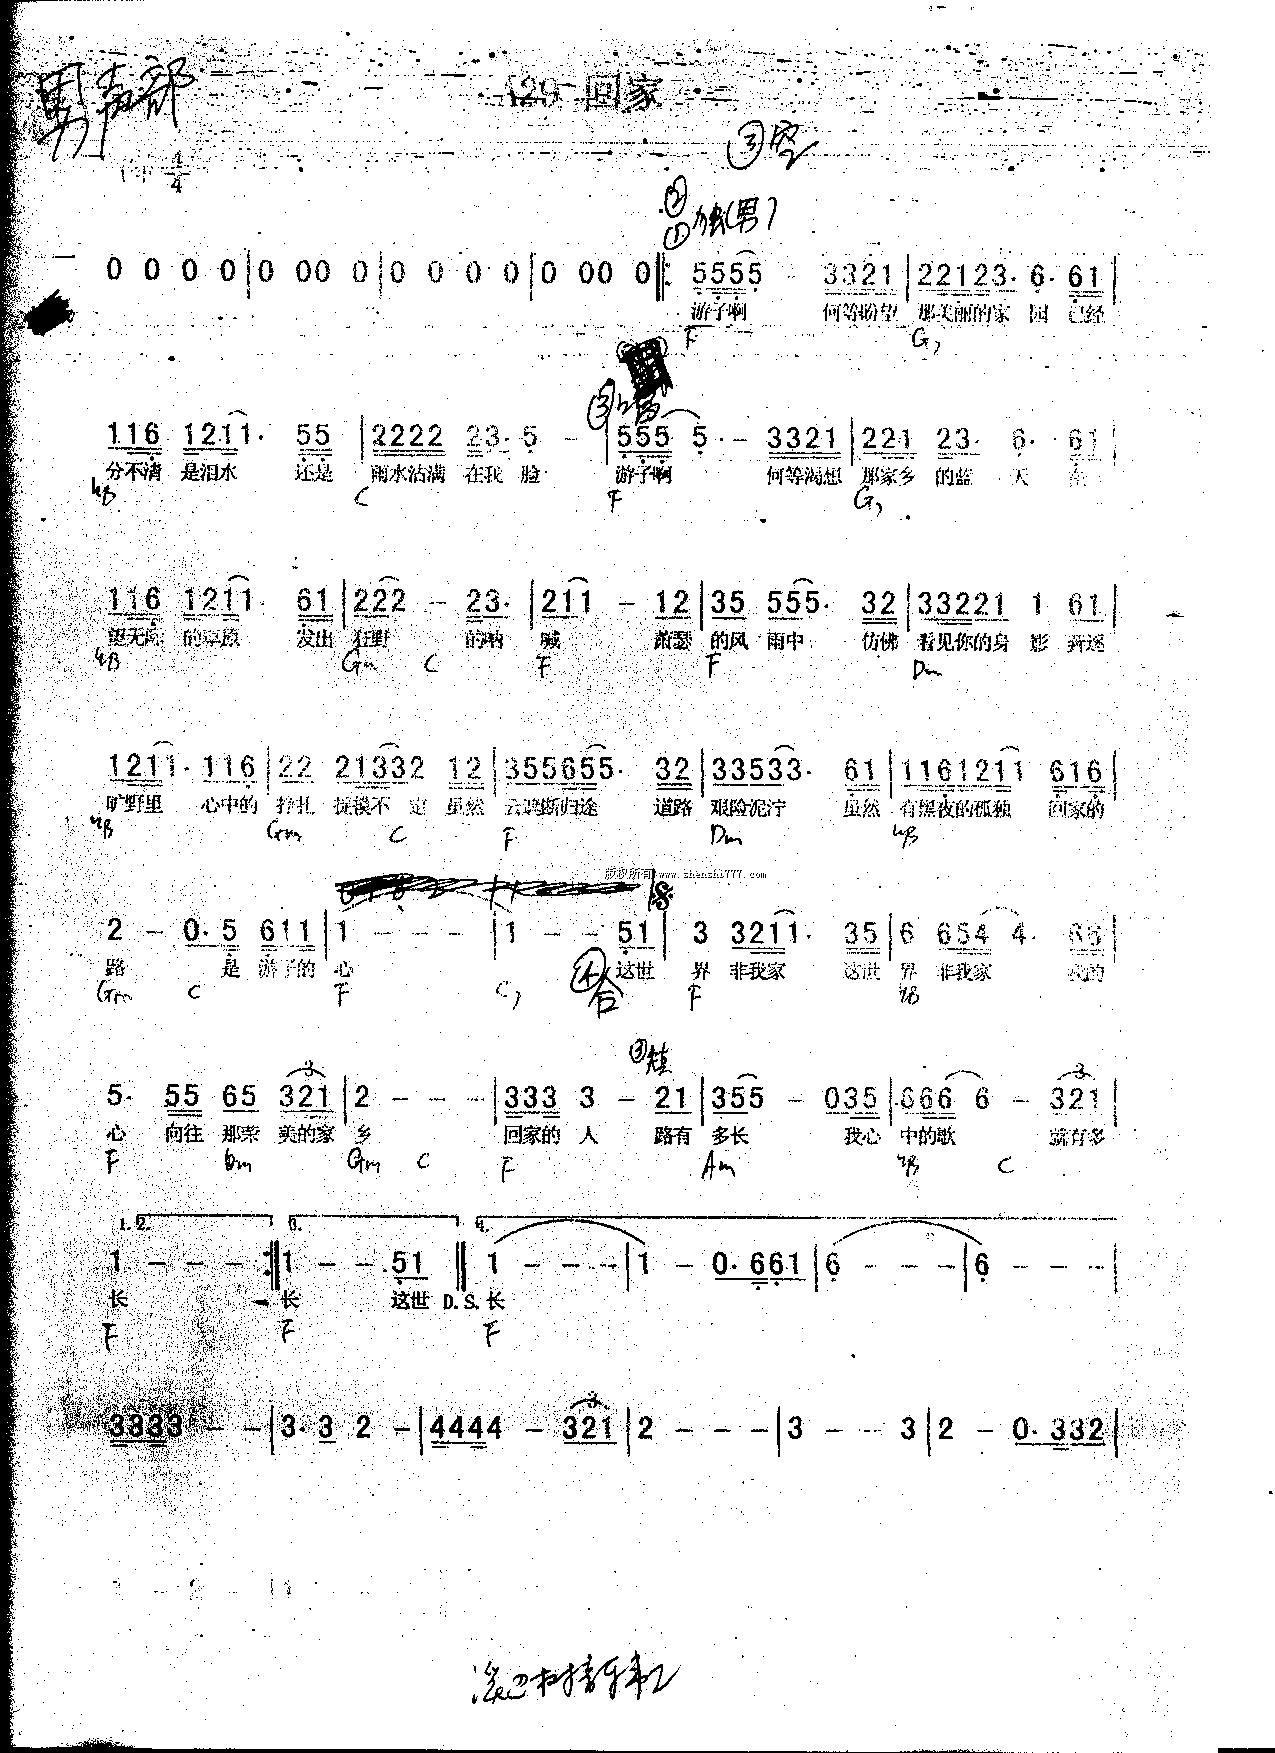 回家乐队谱-乐队总谱--基督教歌谱网基督教歌谱大全